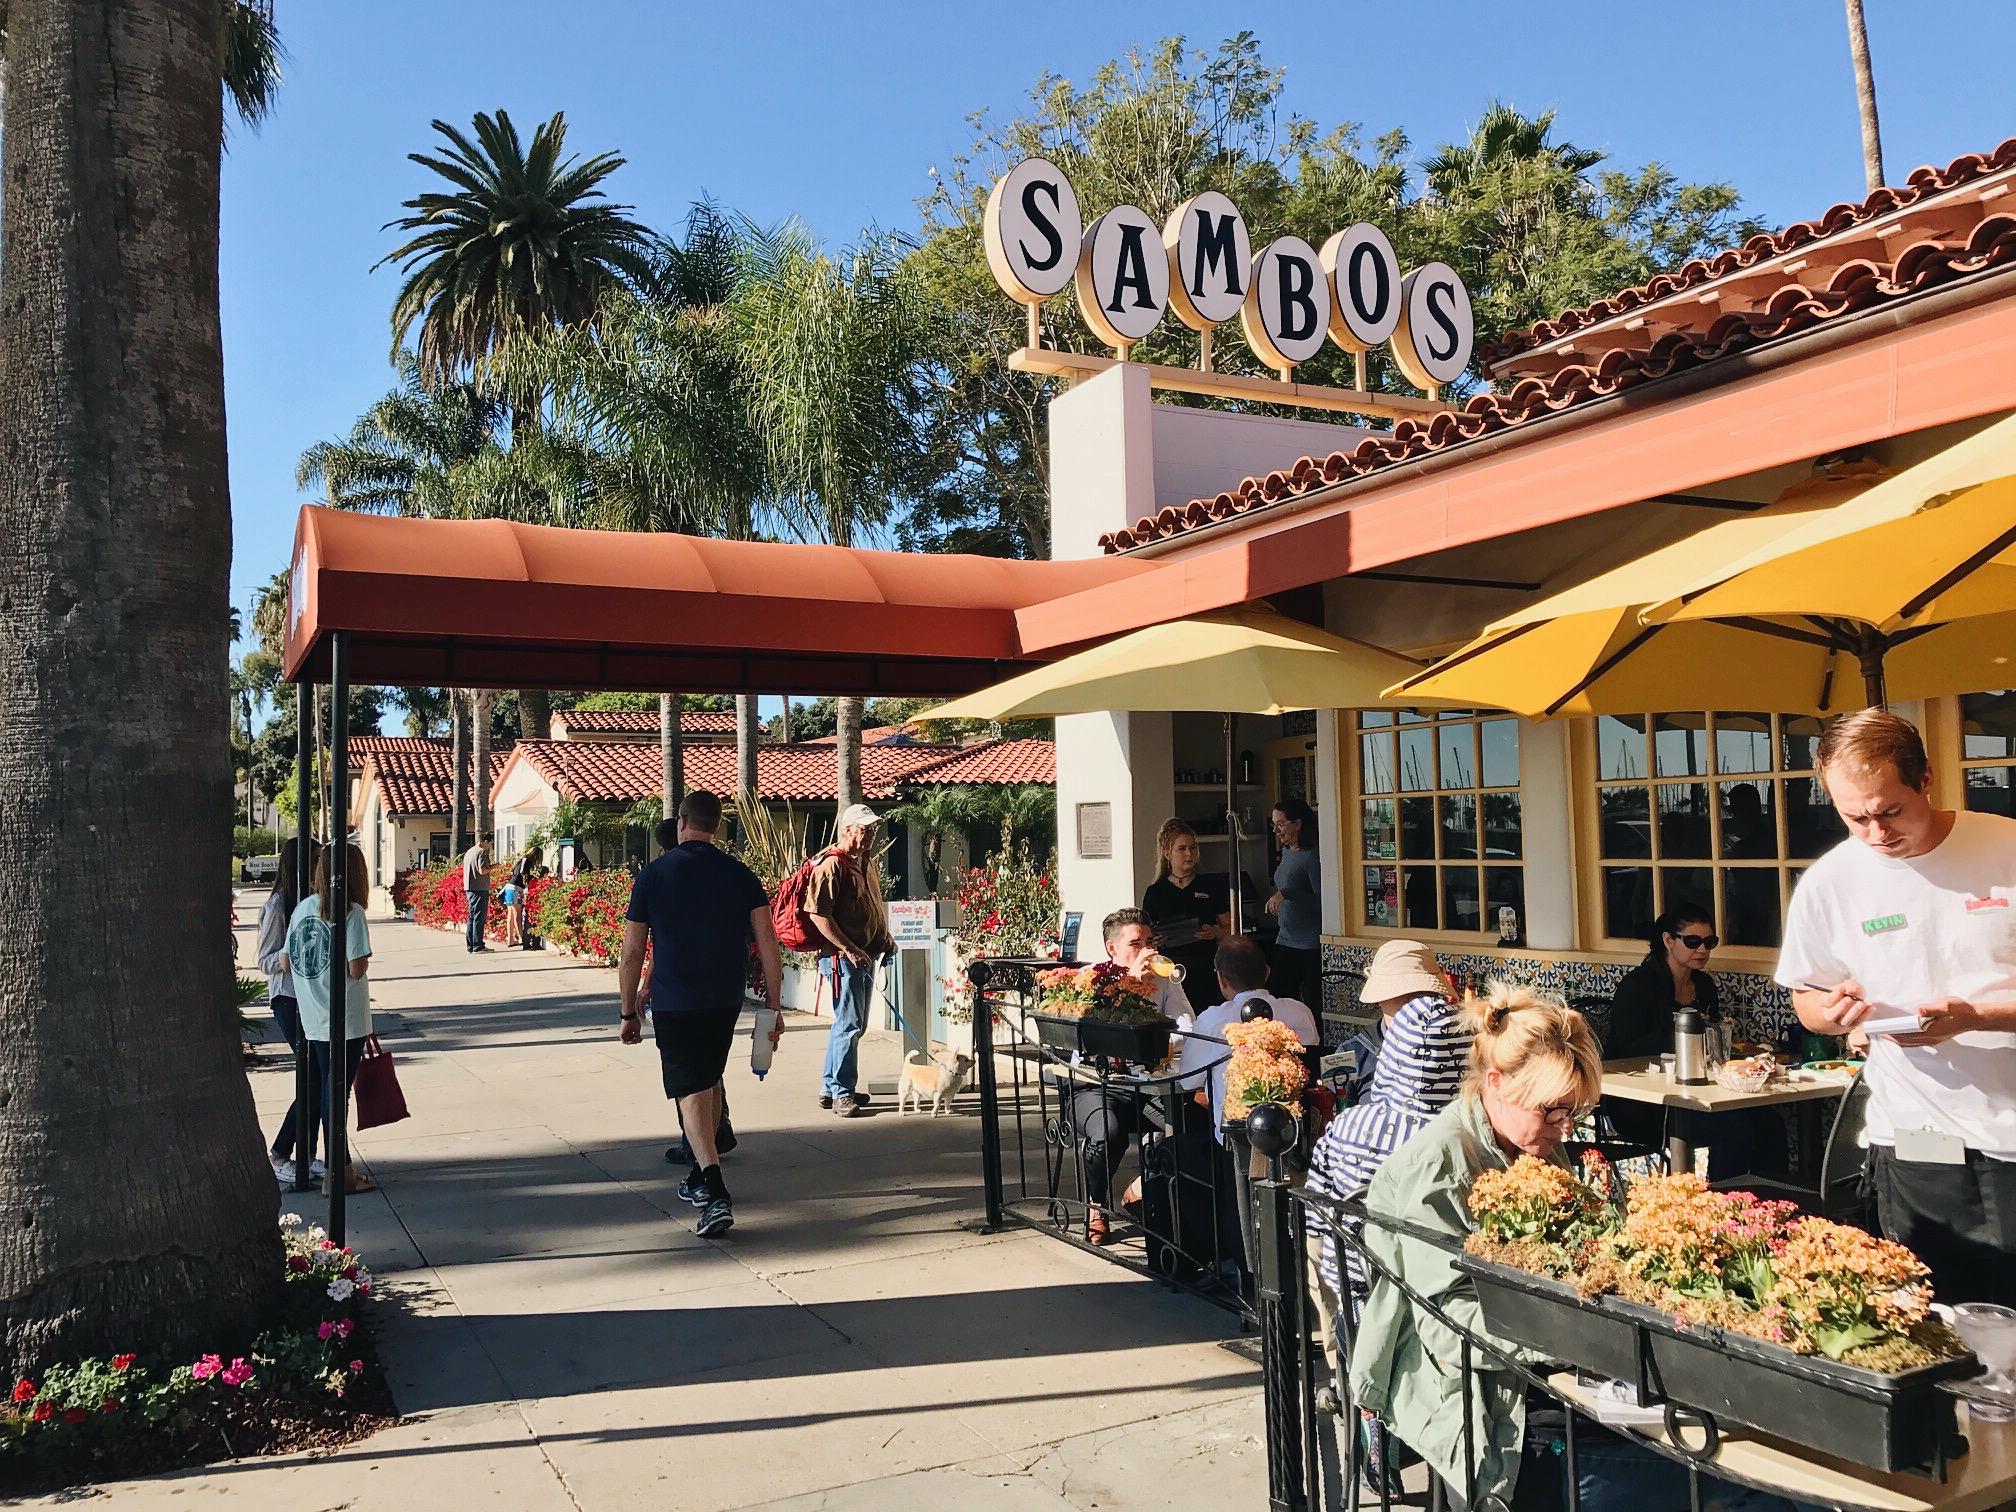 Sambo's